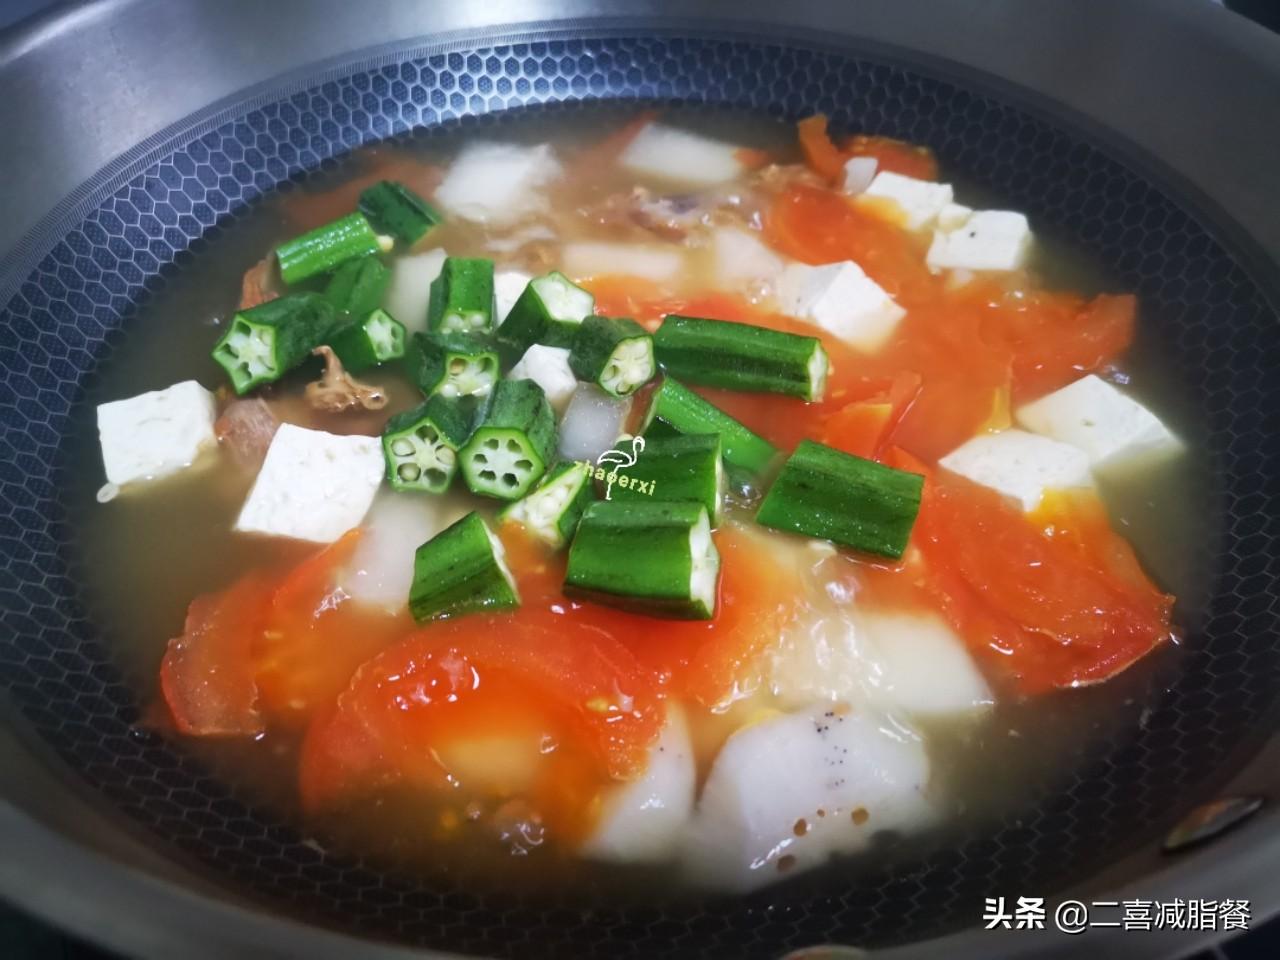 减肥容易便秘,这样的蔬菜汤吃一天就好,早餐晚餐都适用 早餐晚餐 第4张